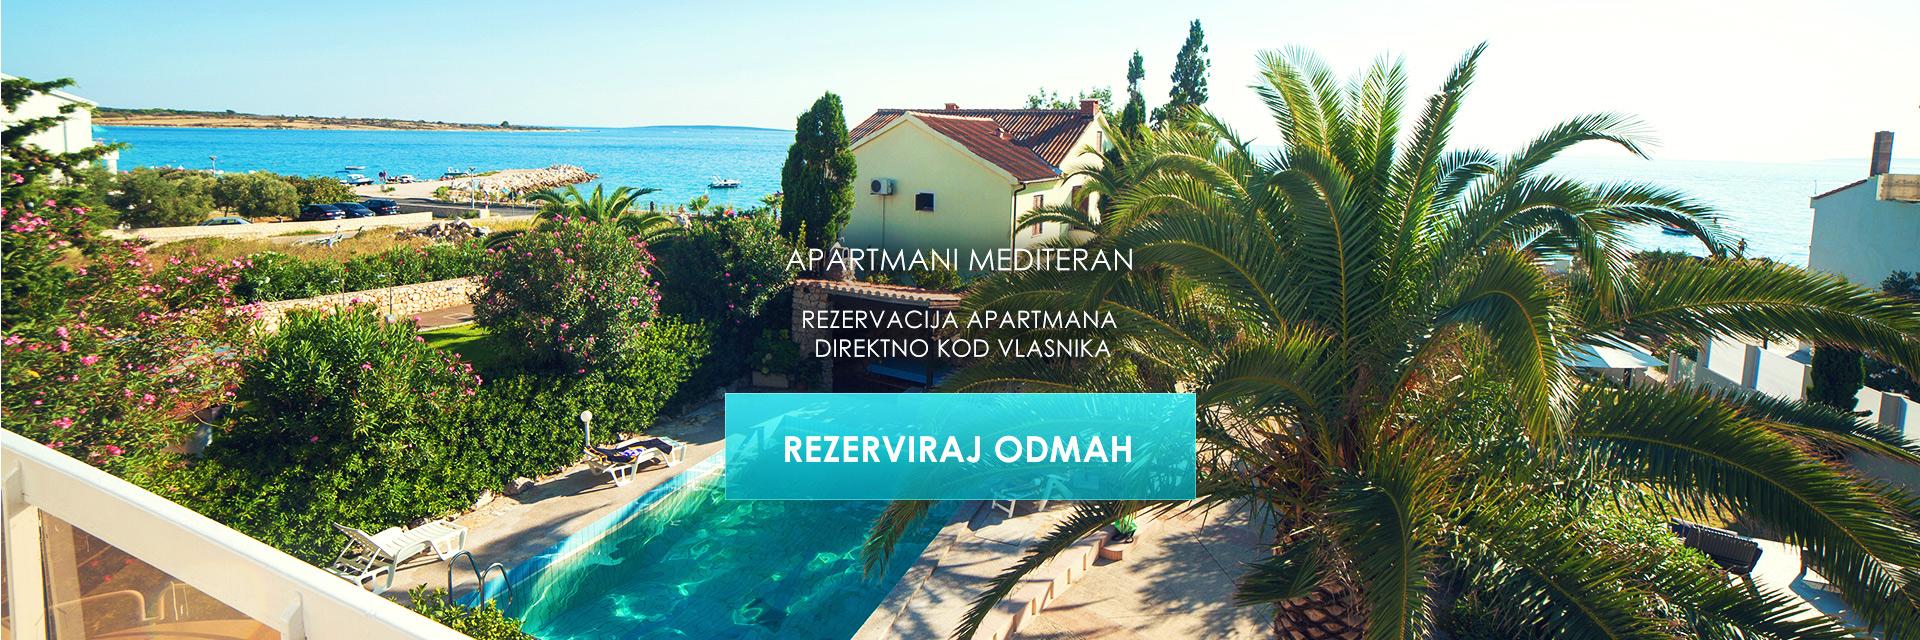 Apartmani Mediteran - rezervacija